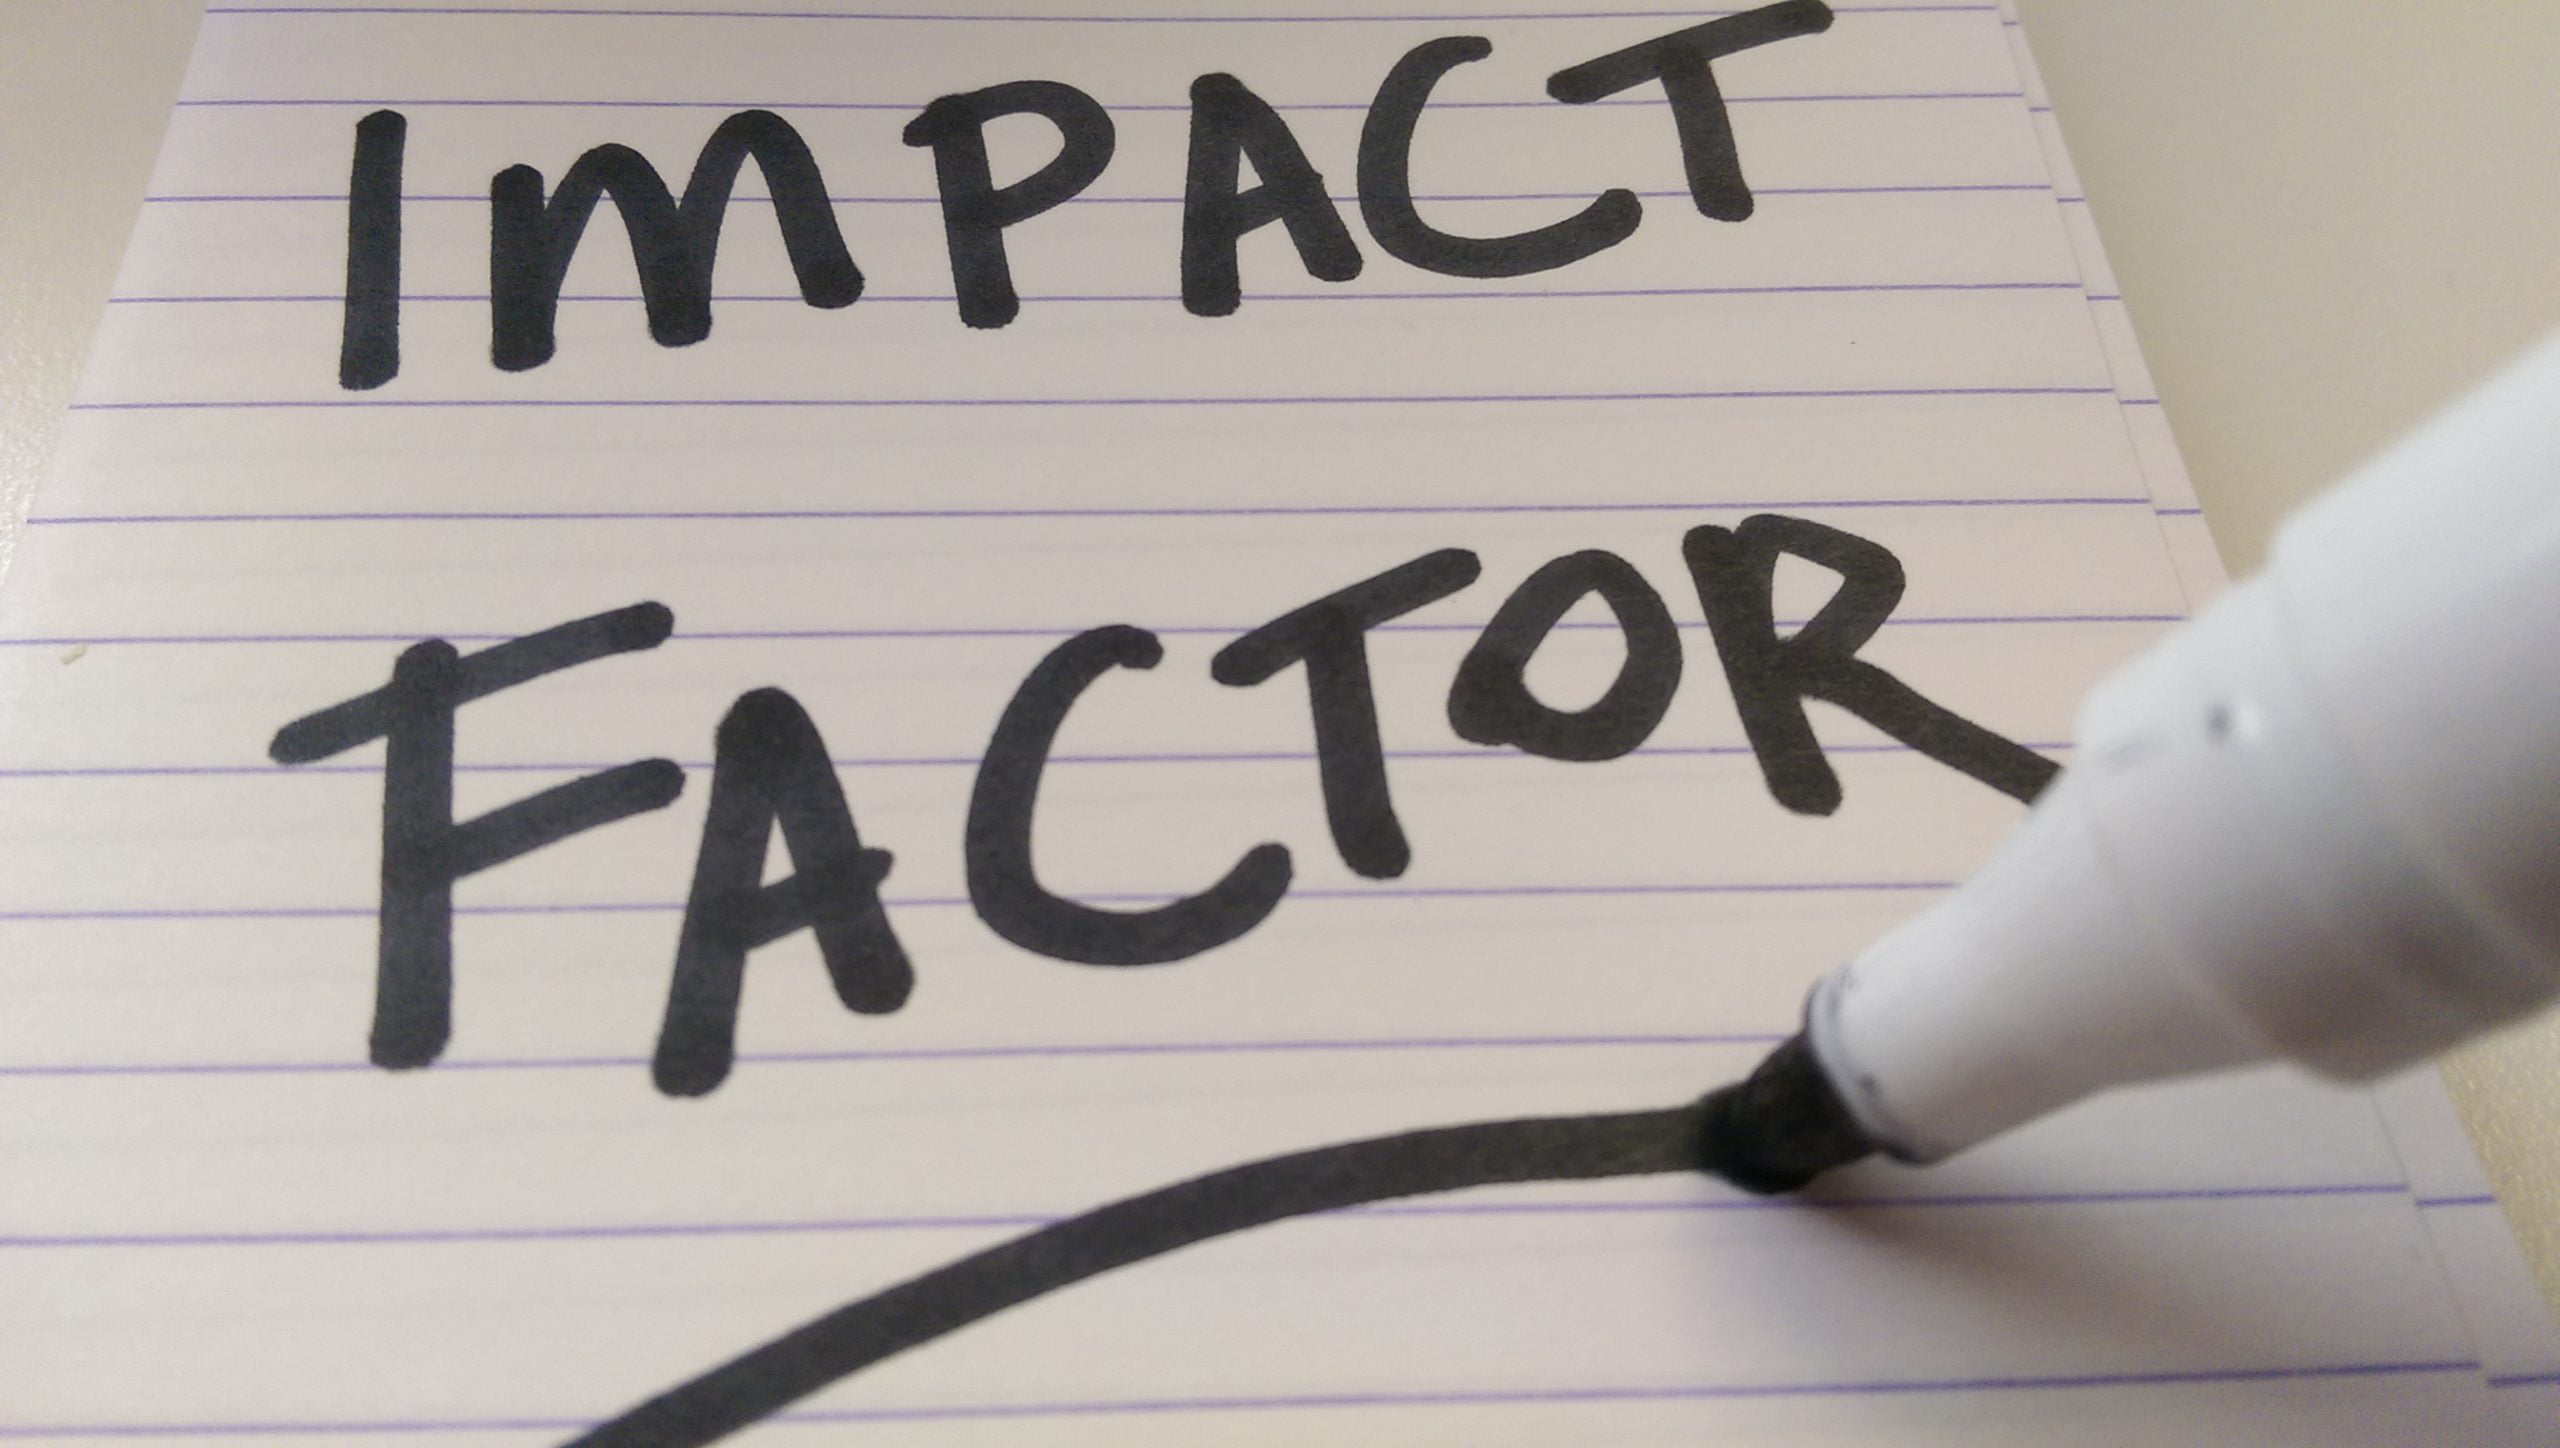 ضریب تاثیر Impact Factor چیست؟